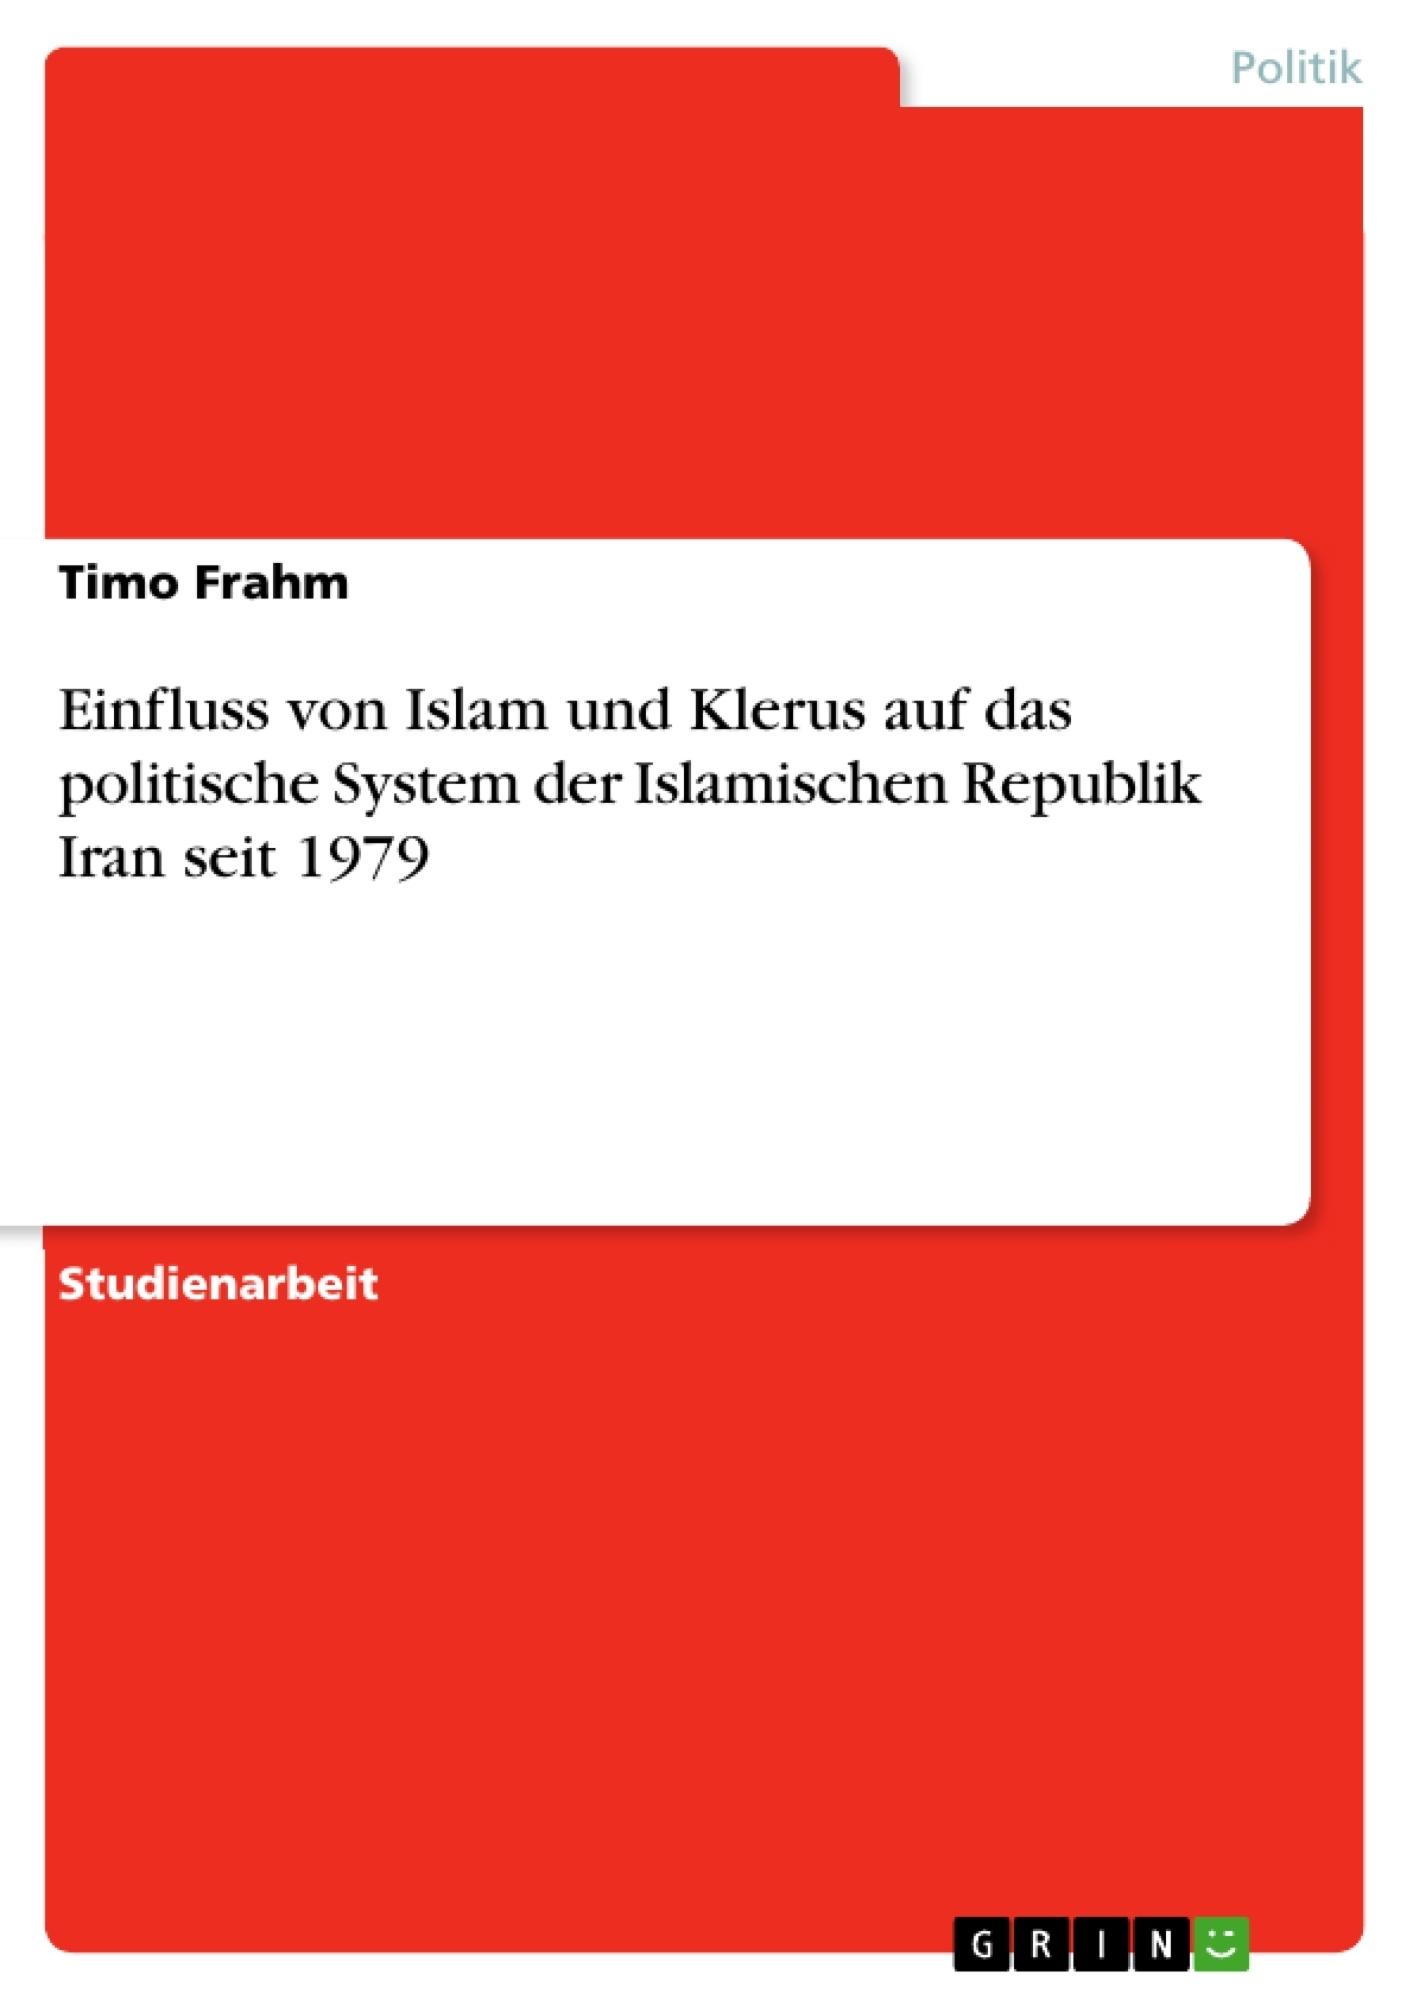 Titel: Einfluss von Islam und Klerus auf das politische System der Islamischen Republik Iran seit 1979